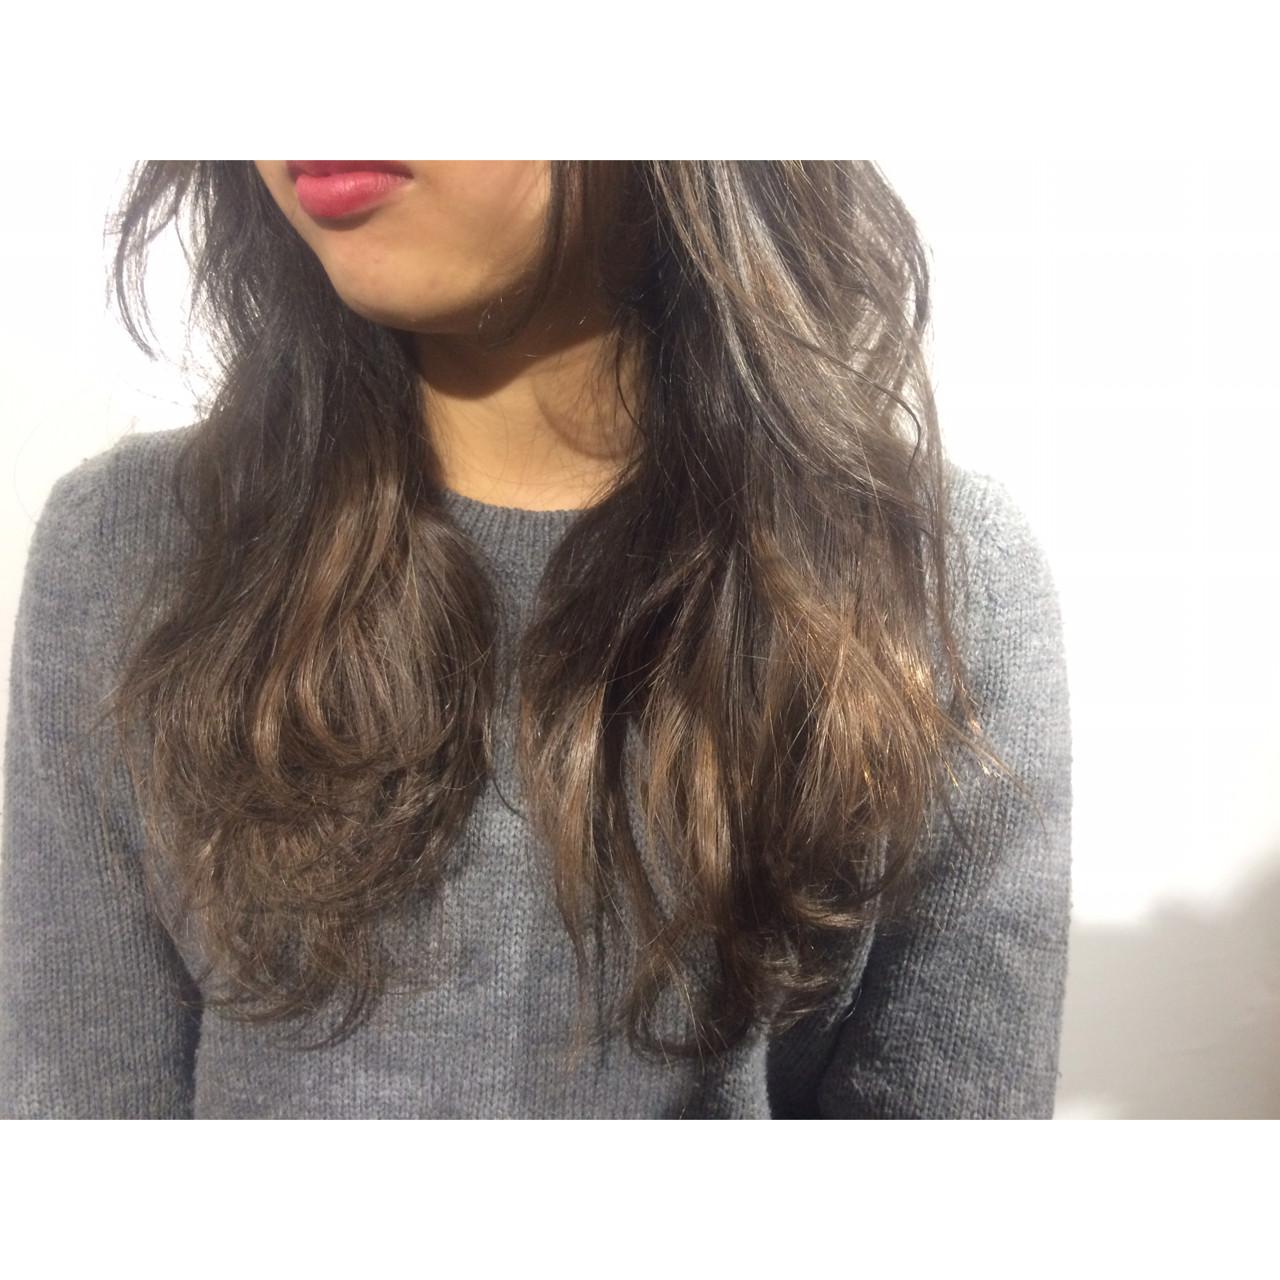 ロング 外国人風 ゆるふわ 暗髪 ヘアスタイルや髪型の写真・画像 | KE-TO / TLONY